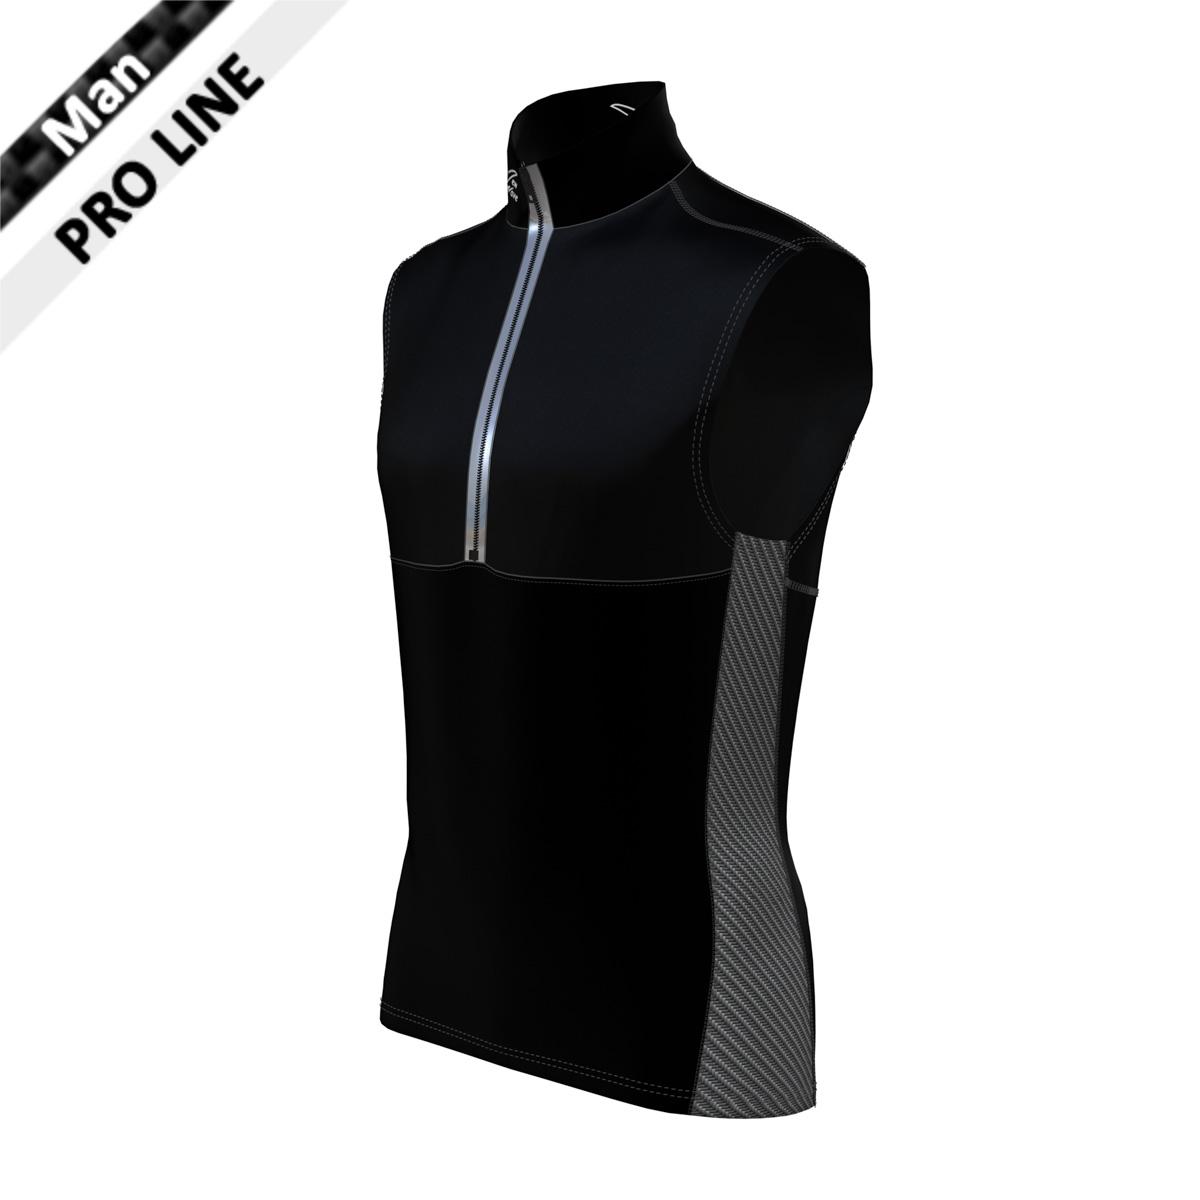 Pro Vest Man - Black/Carbon (Kragen & Body - schwarz, Seitenstreifen - carbon)